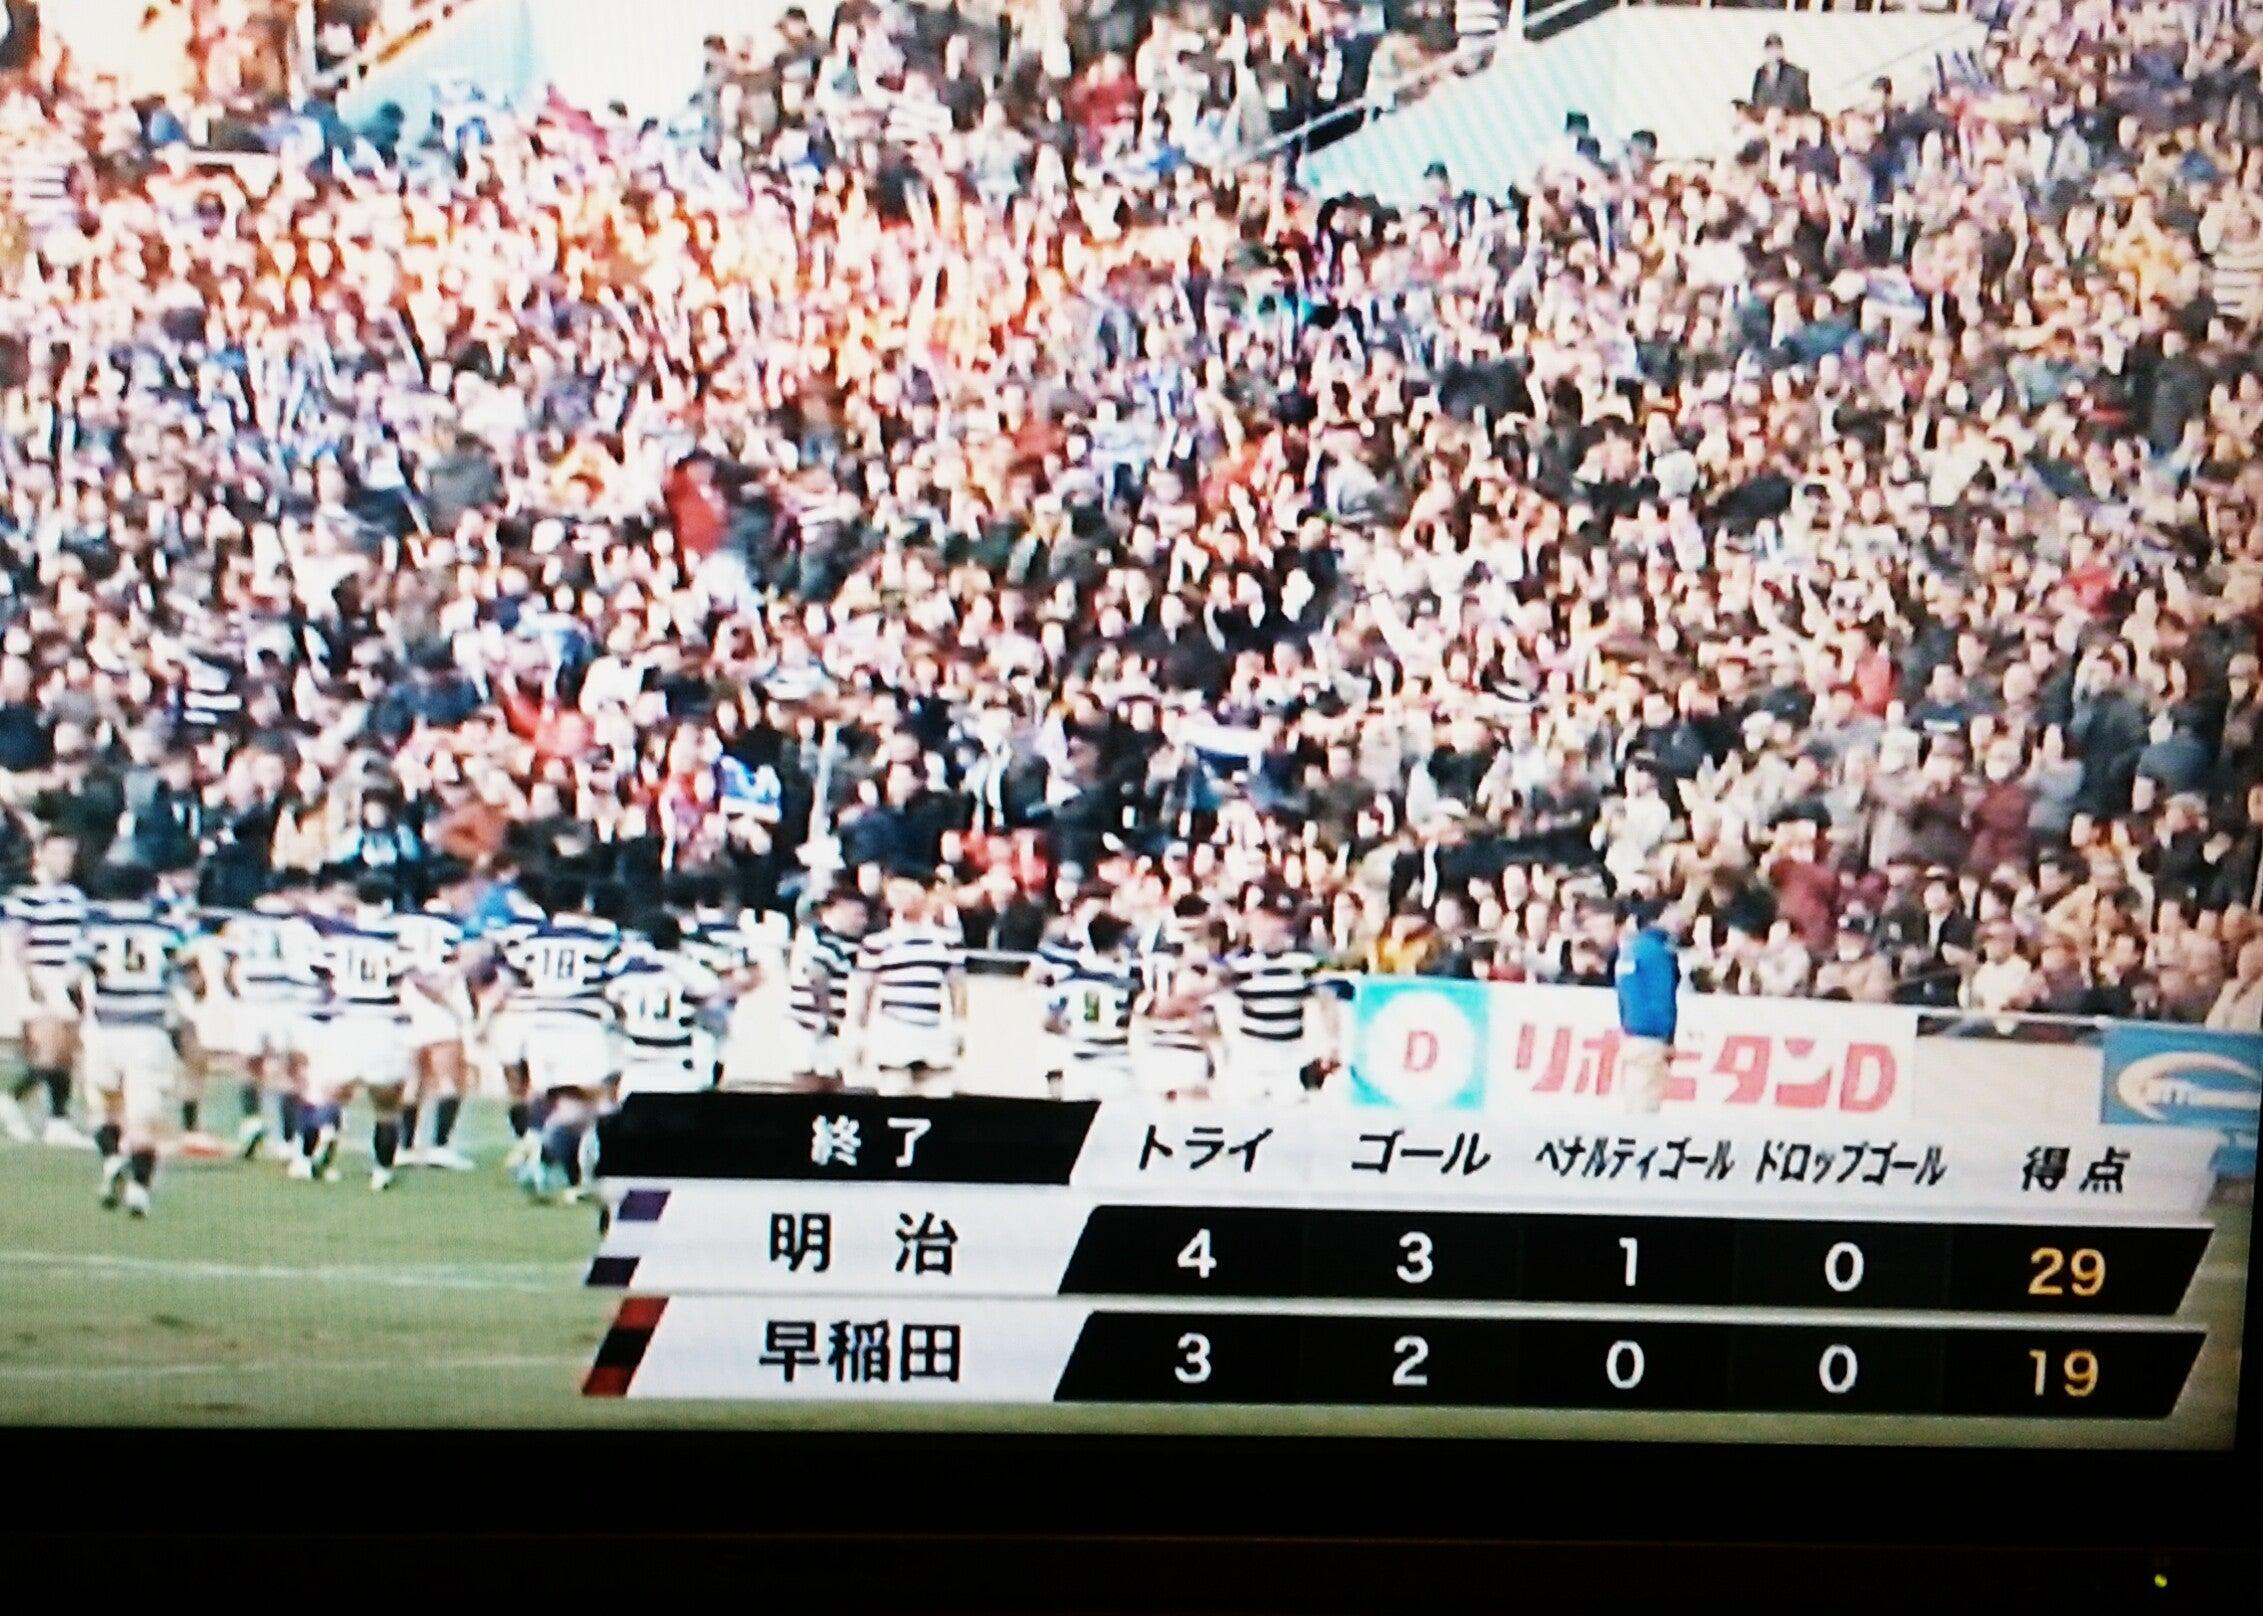 大学ラグビーはいよいよ選手権へ! 「頑張れ!早稲田」「頑張れ!下川甲嗣君」